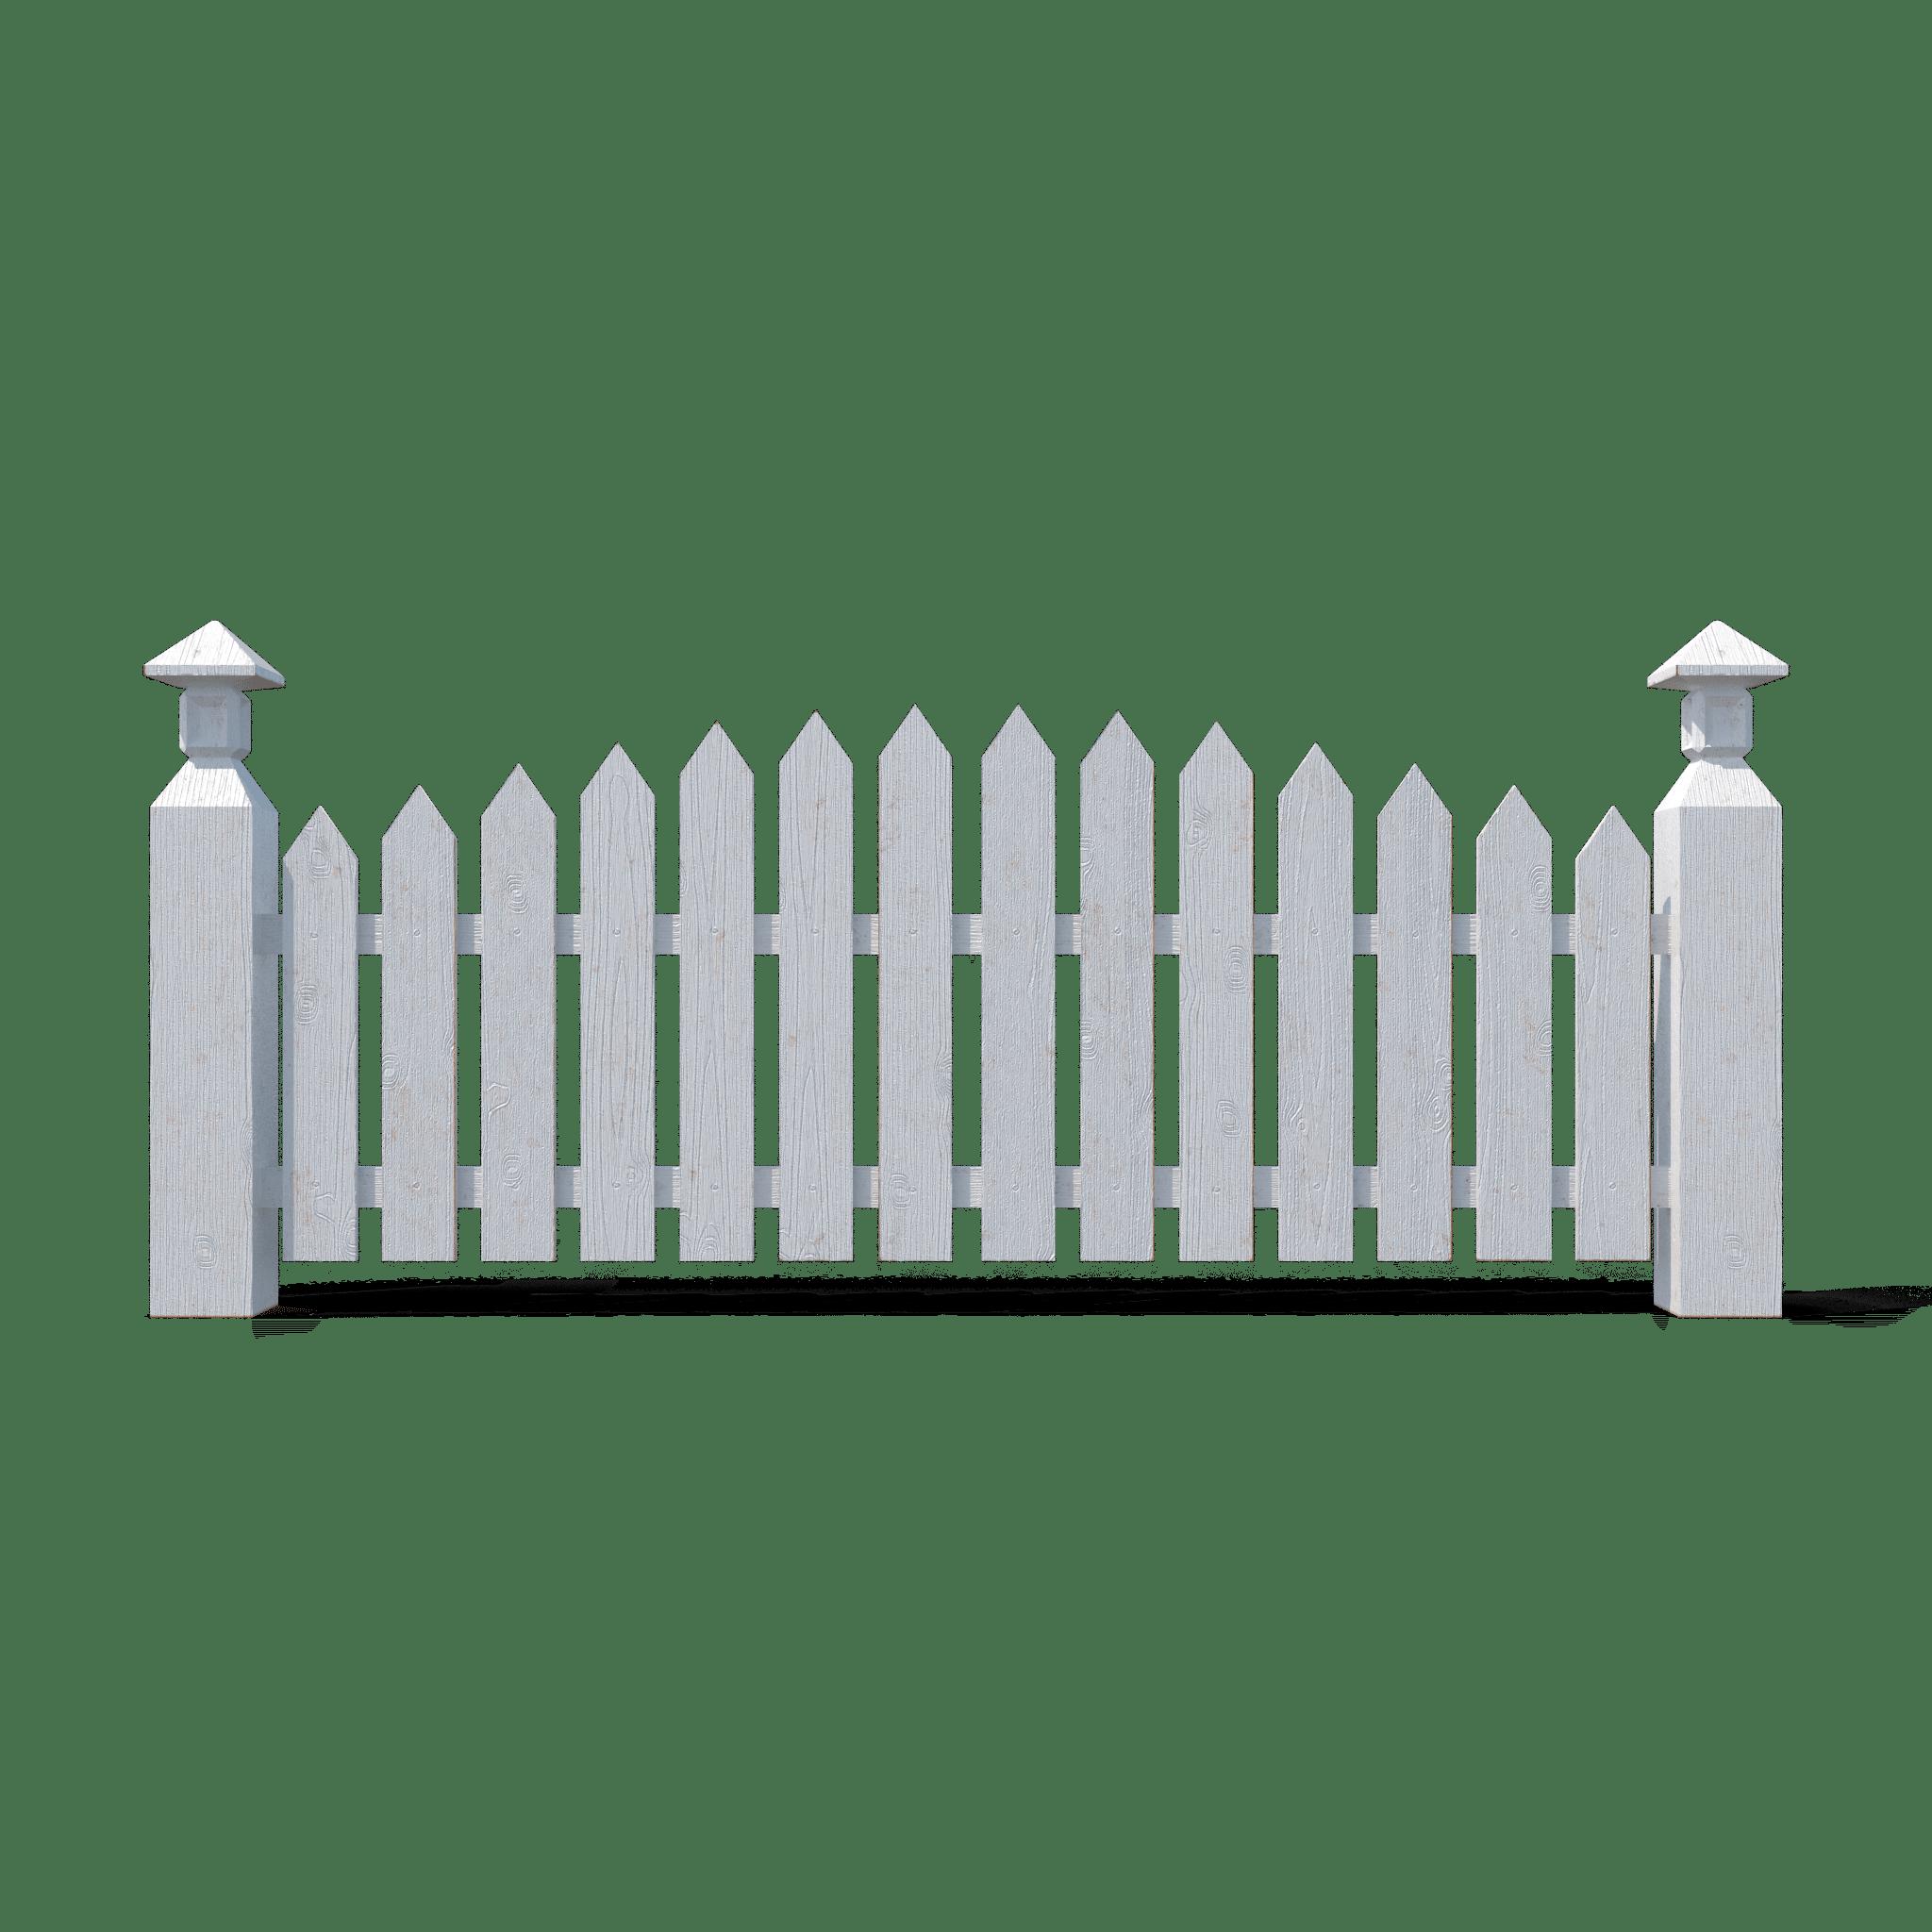 Wooden fence.I01.2k